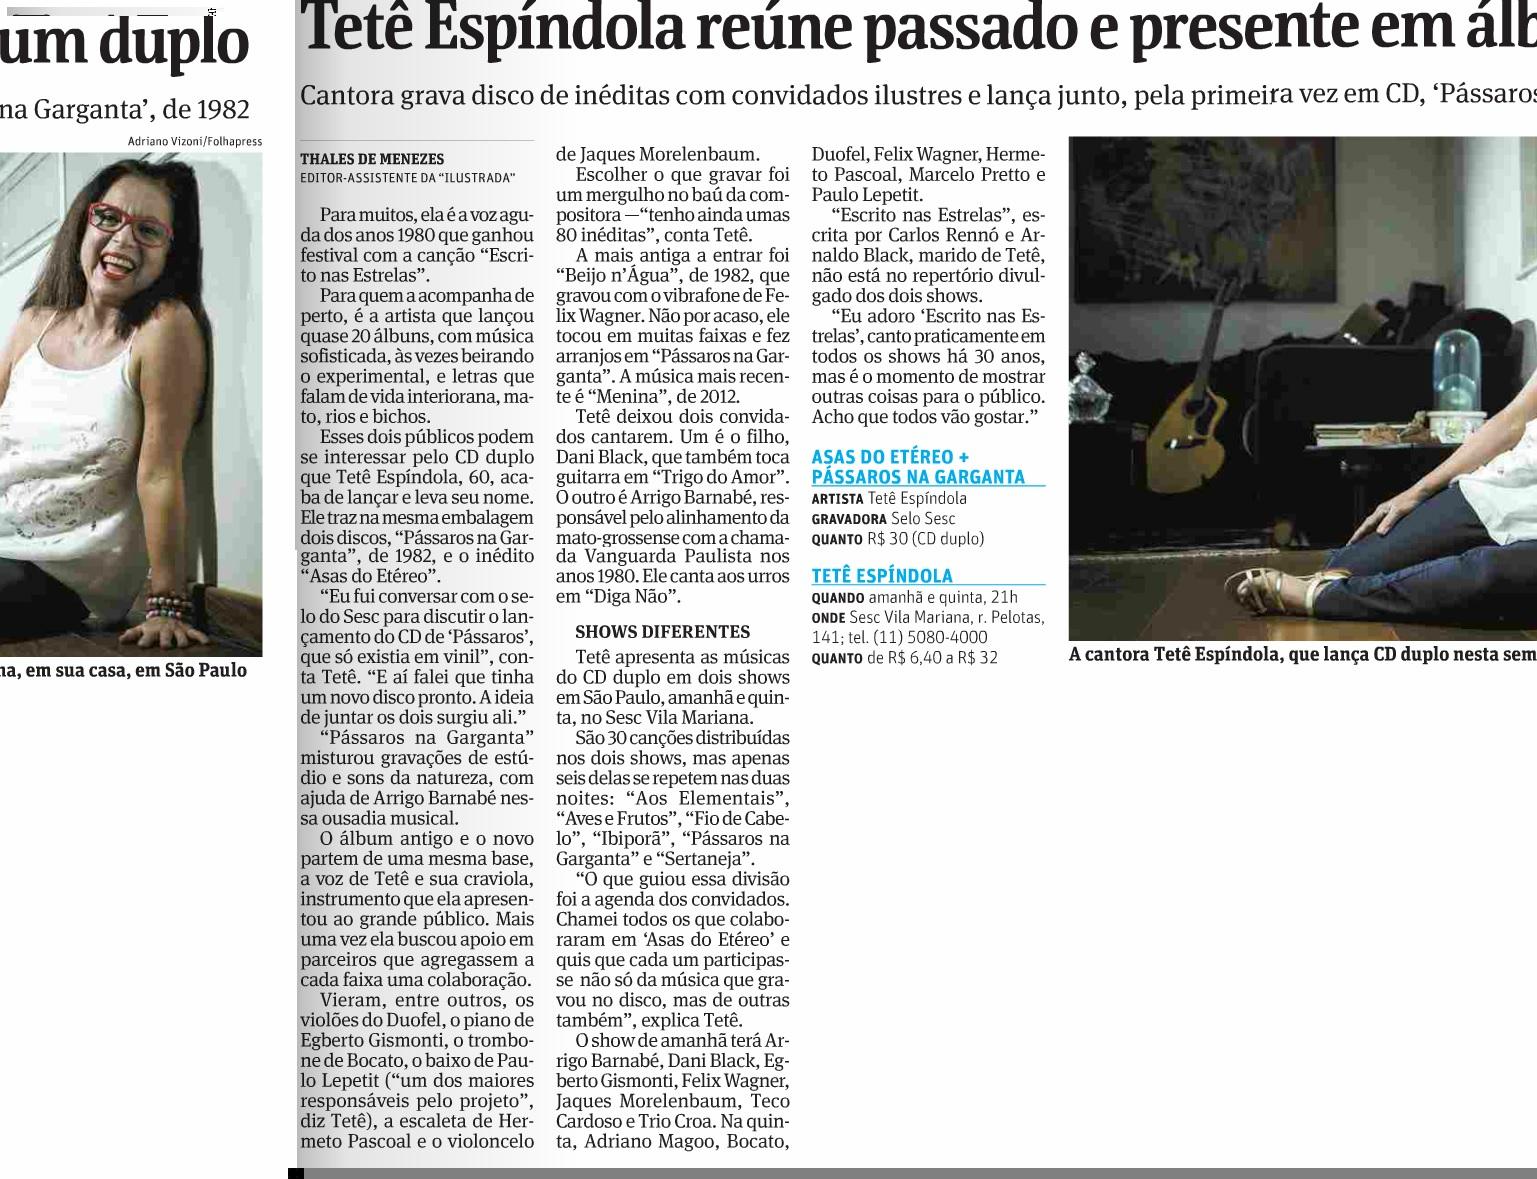 Folha de S. Paulo - 18.03.14